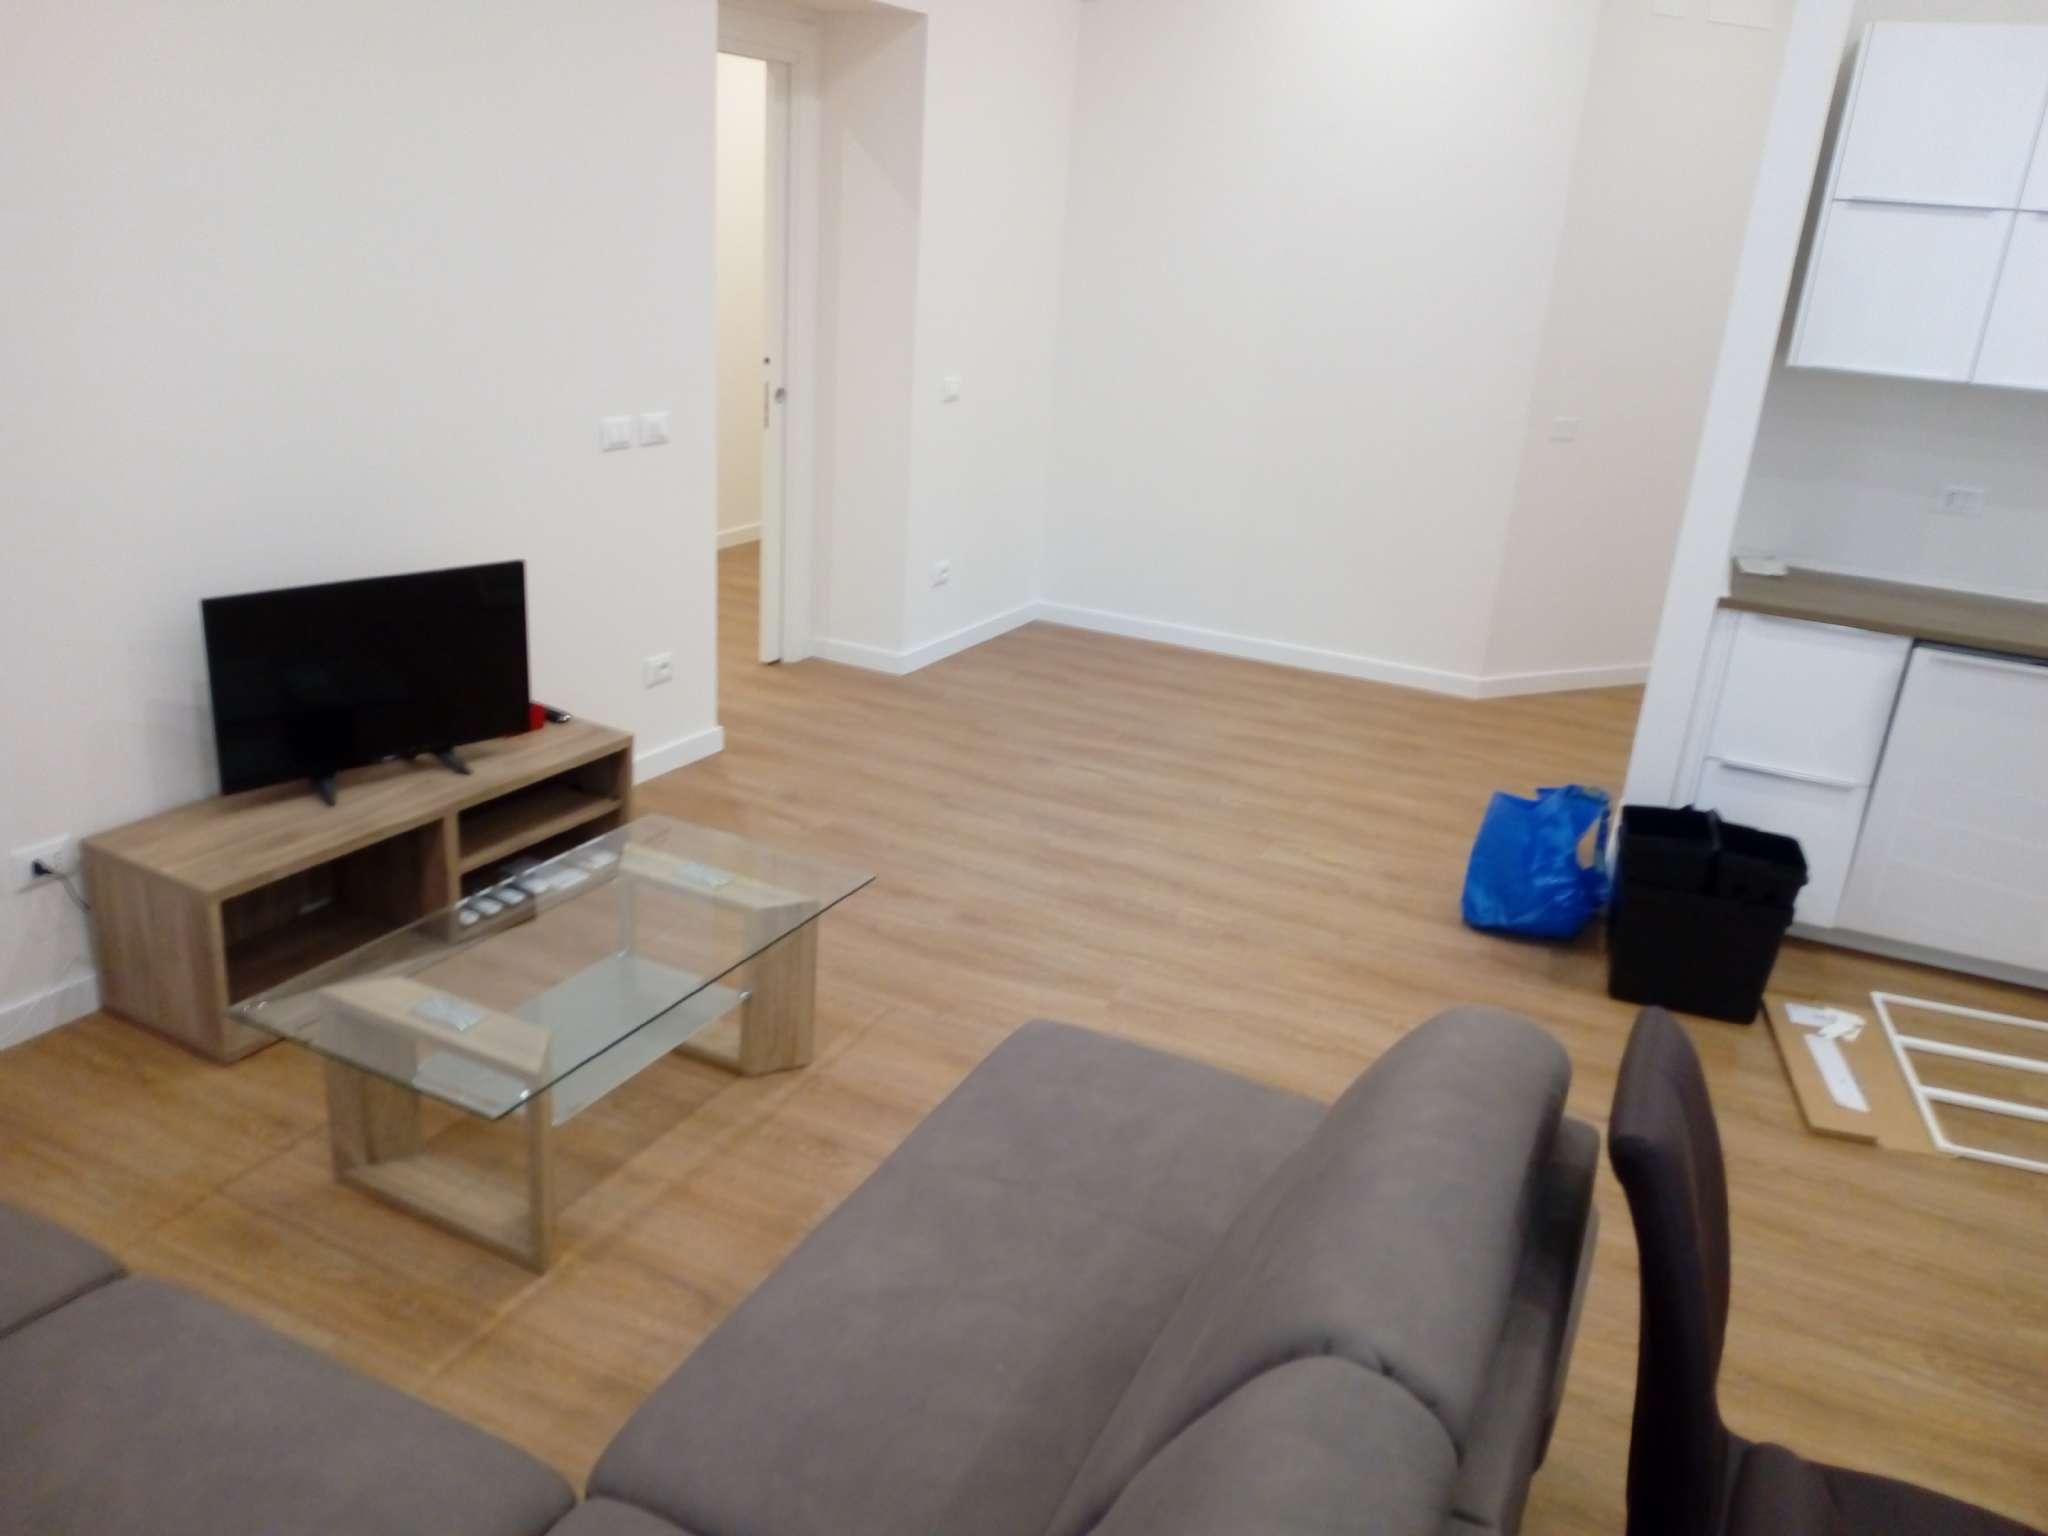 Appartamento completamente ristrutturato vicino a via Emilia Centro